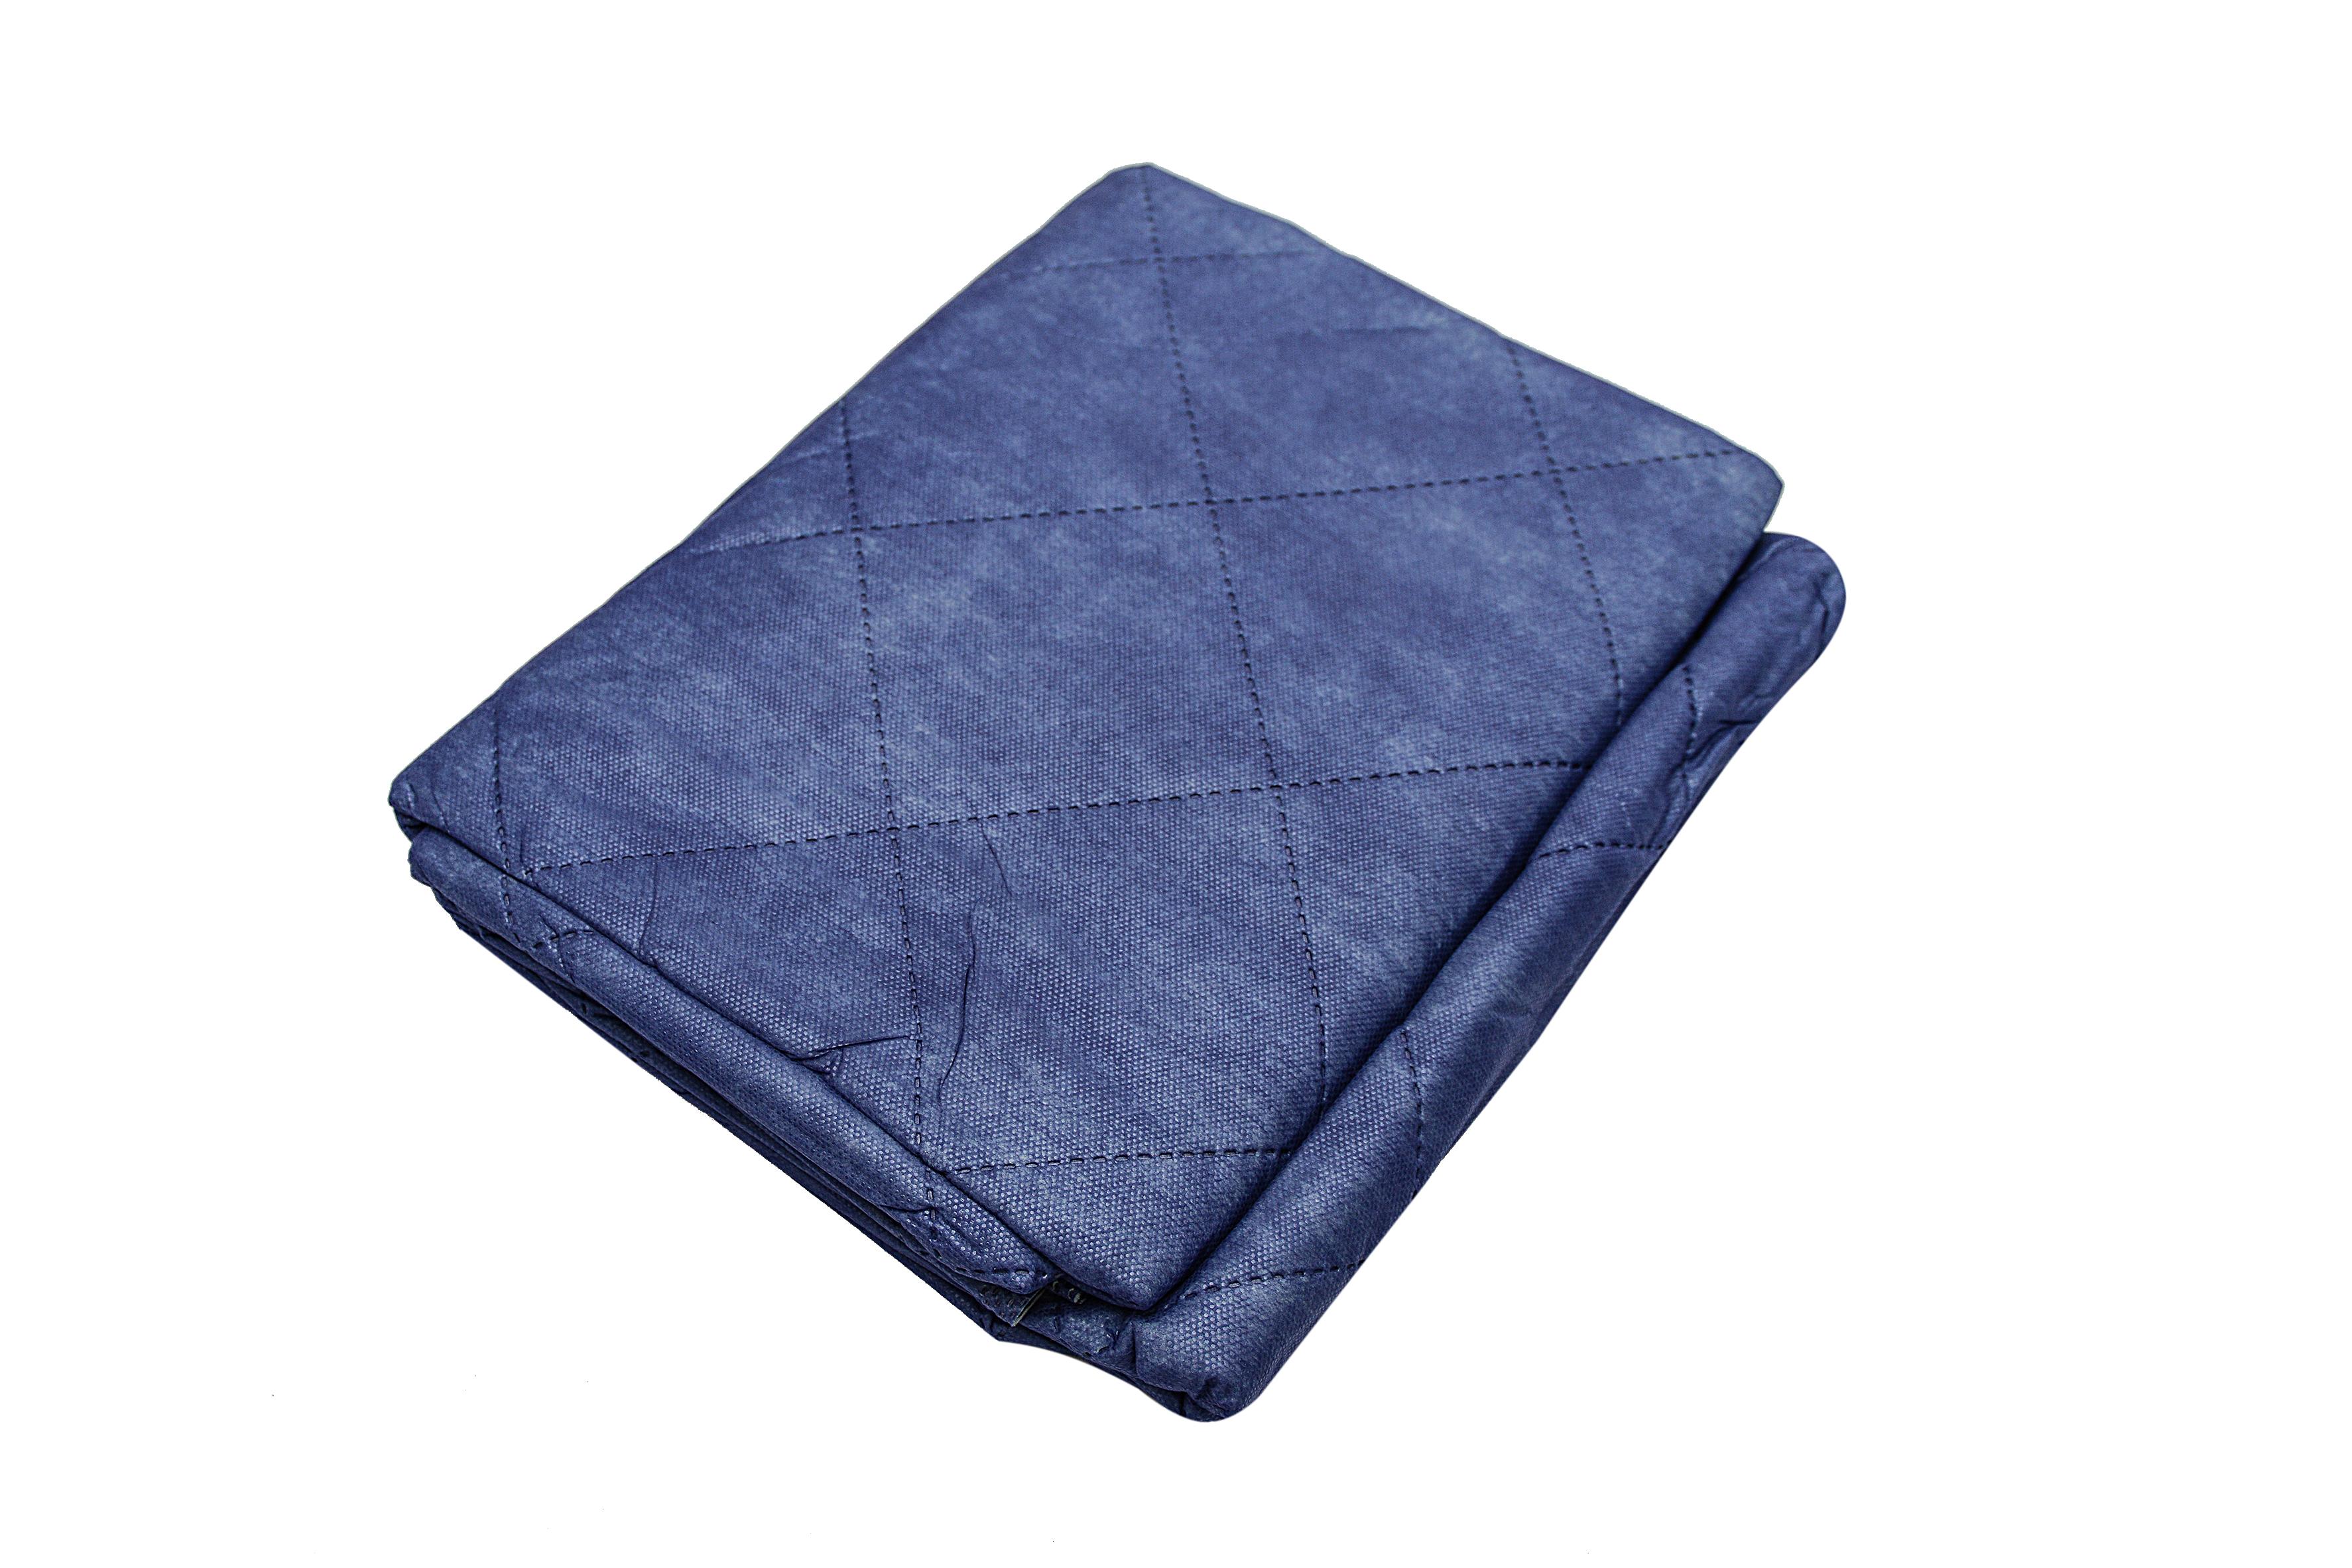 Einmaldecken, Polyester, blau, 190 x 110